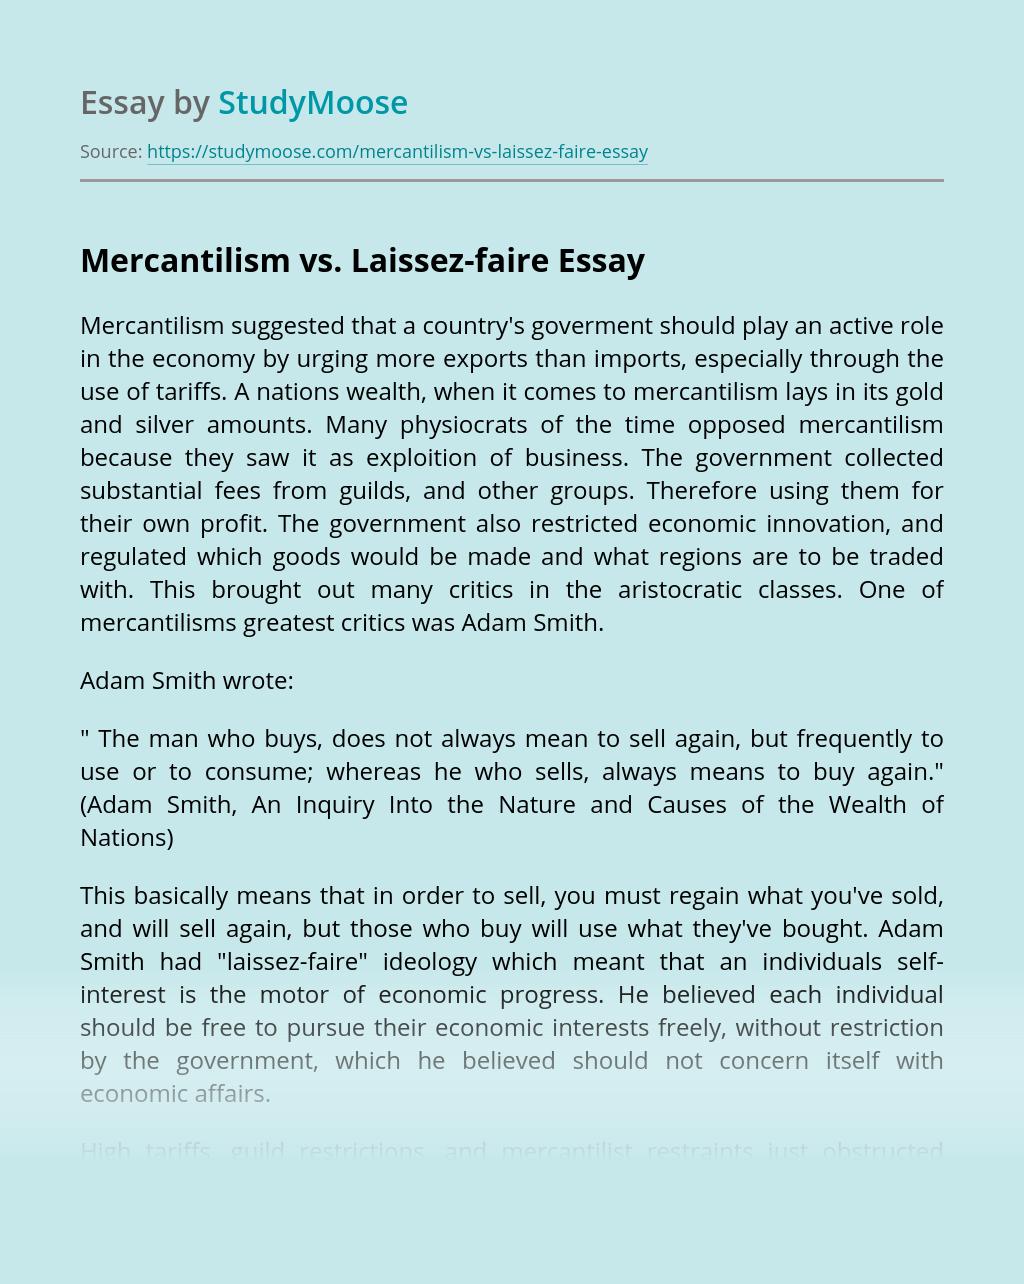 Mercantilism vs. Laissez-faire